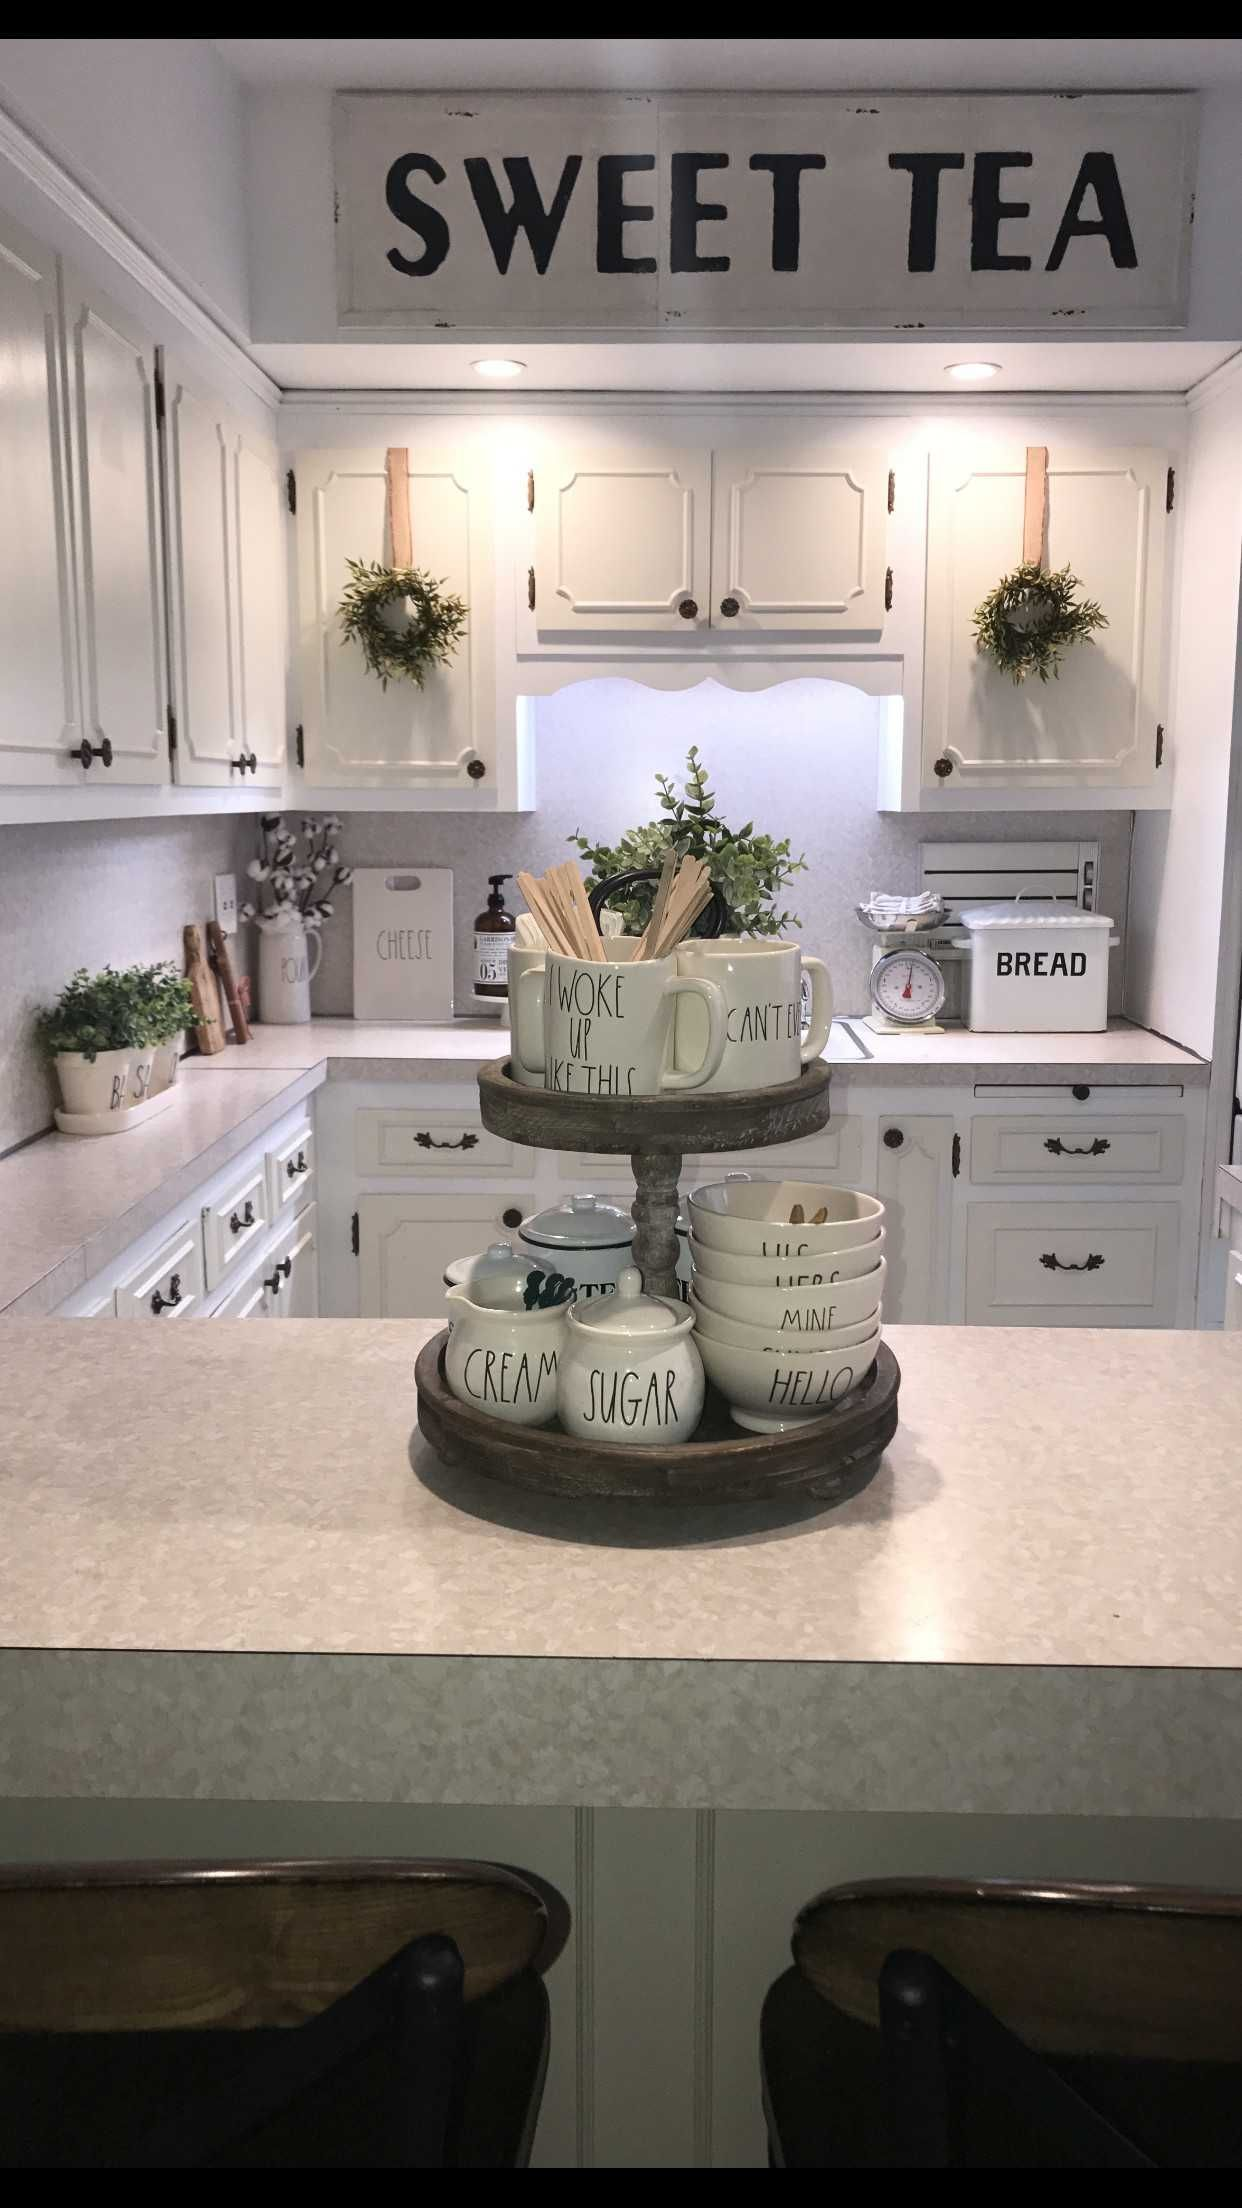 Gri ve beyaz dolaplara ahşap tezgah. Deniz hanımın rustik mutfağı. #farmhousekitchencountertops